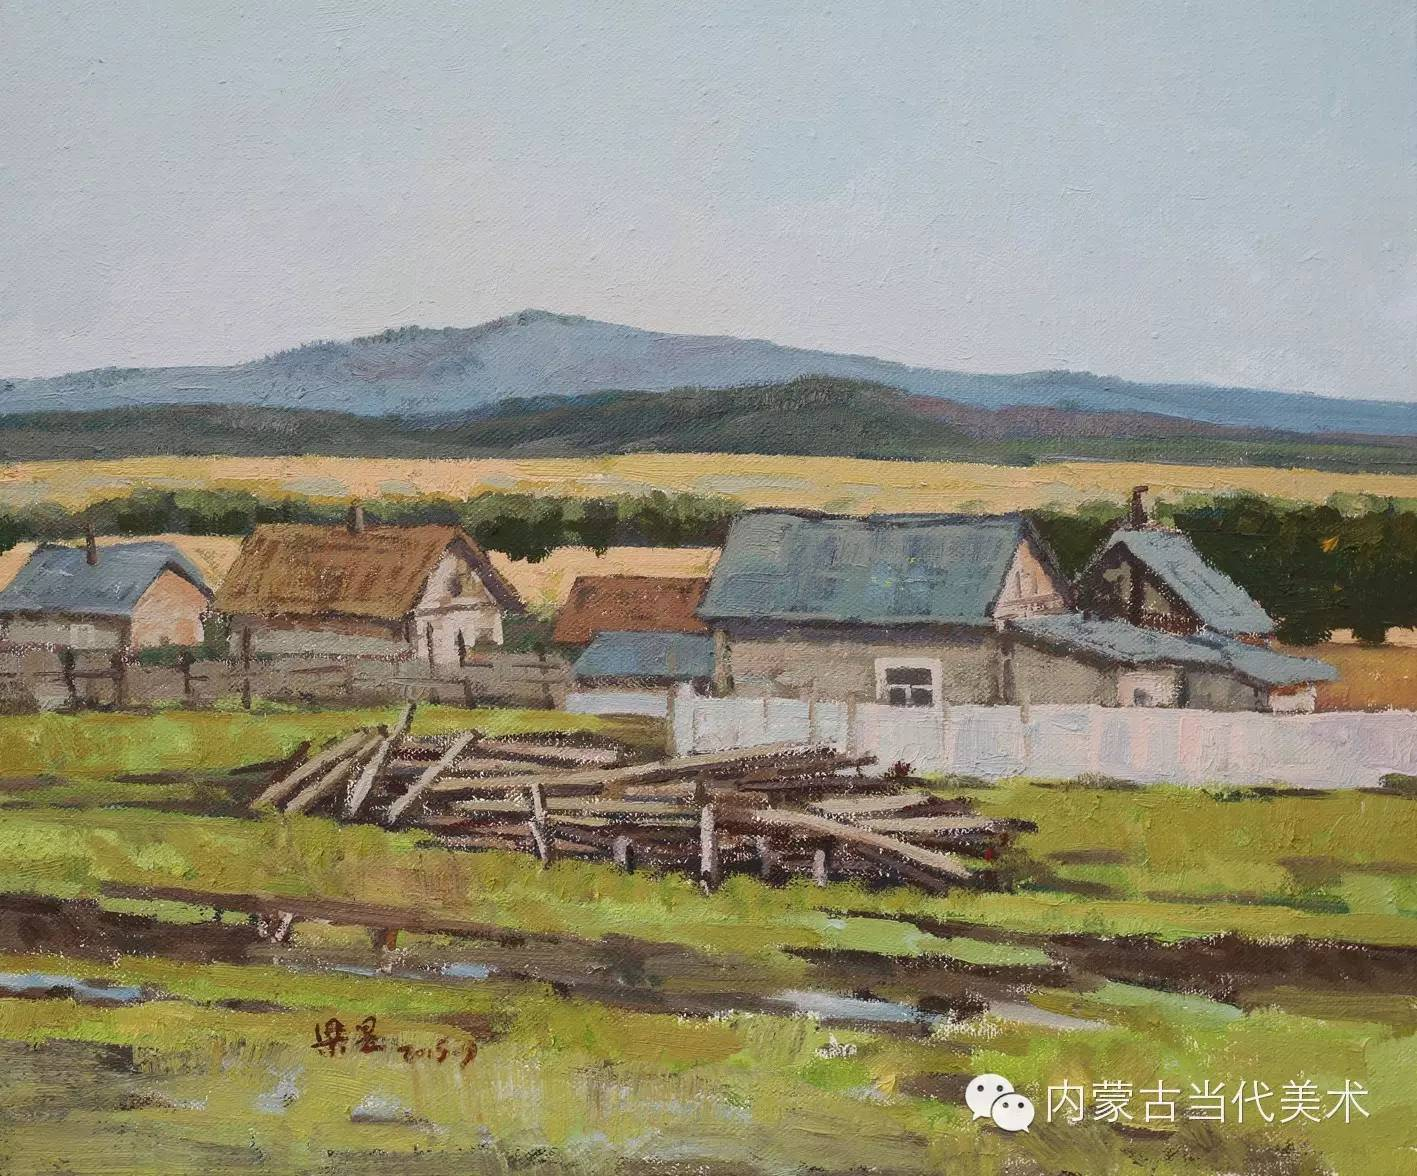 内蒙古当代美术家系列——梁昱风景写生作品